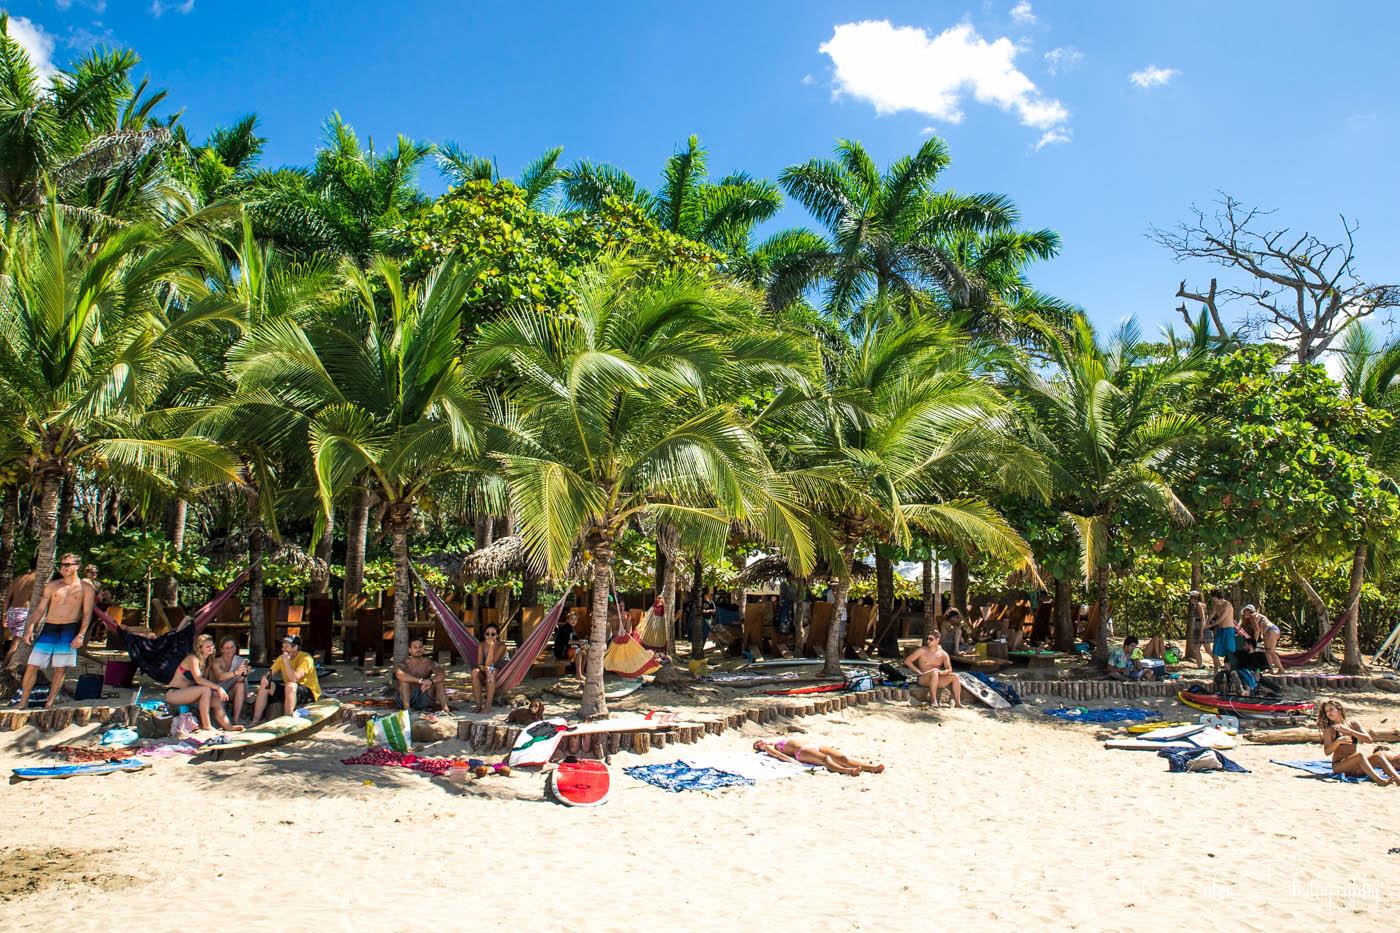 Costa Rica Honeymoon Playa Avellanas